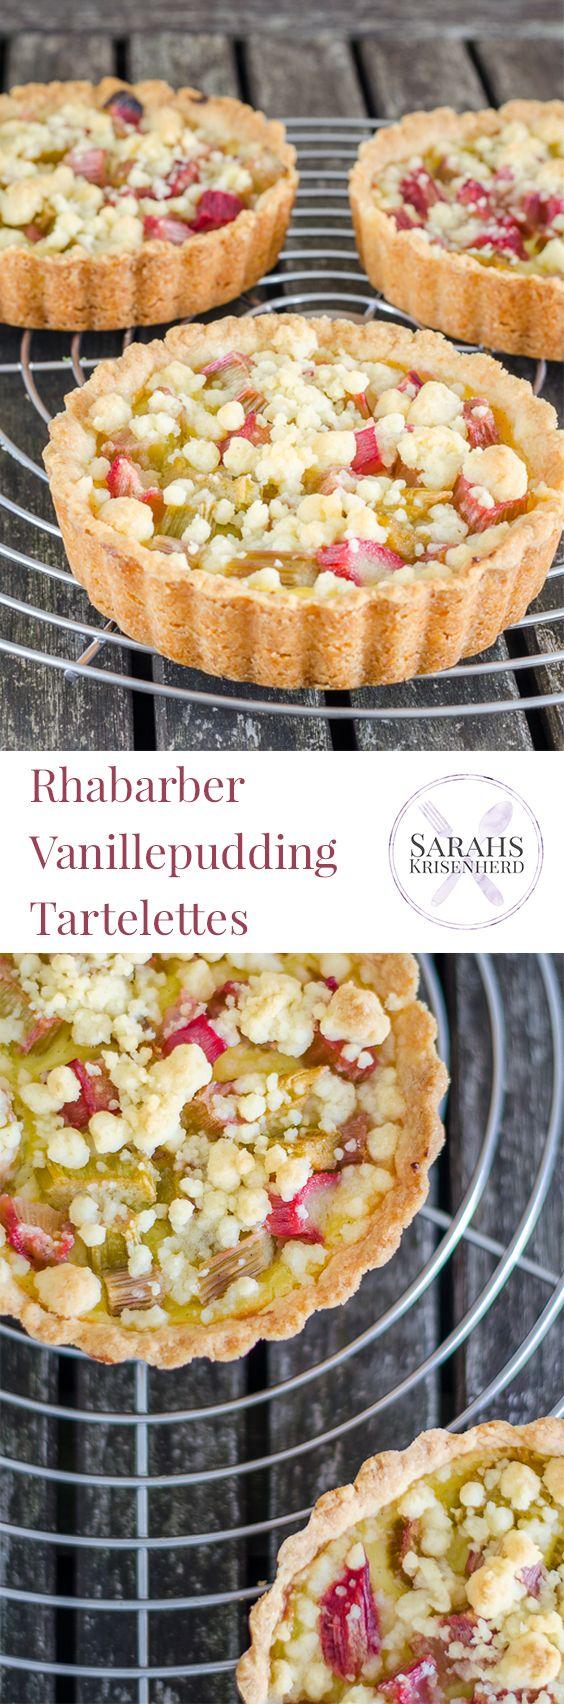 Rhabarber Vanillepudding Tartelette mit Streuseln // Rhubarb Vanilla Pudding Tartelettes with Crumbles